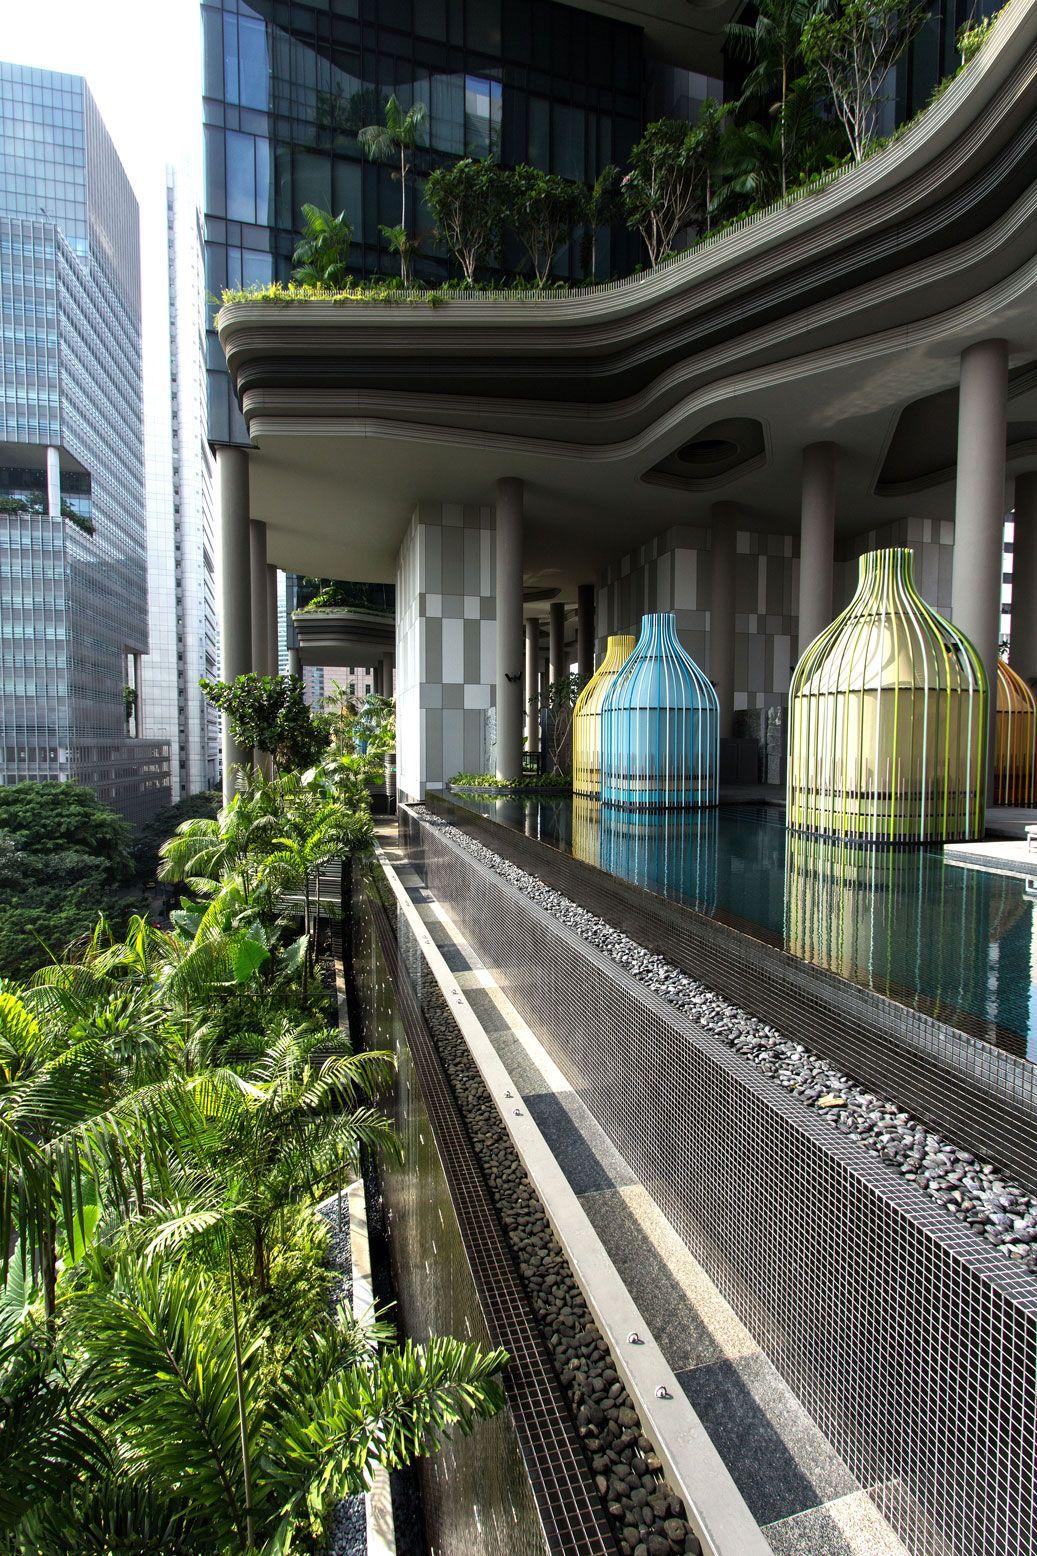 Tierra Design Provides Professional Design Services In Architecture Landscape Architecture